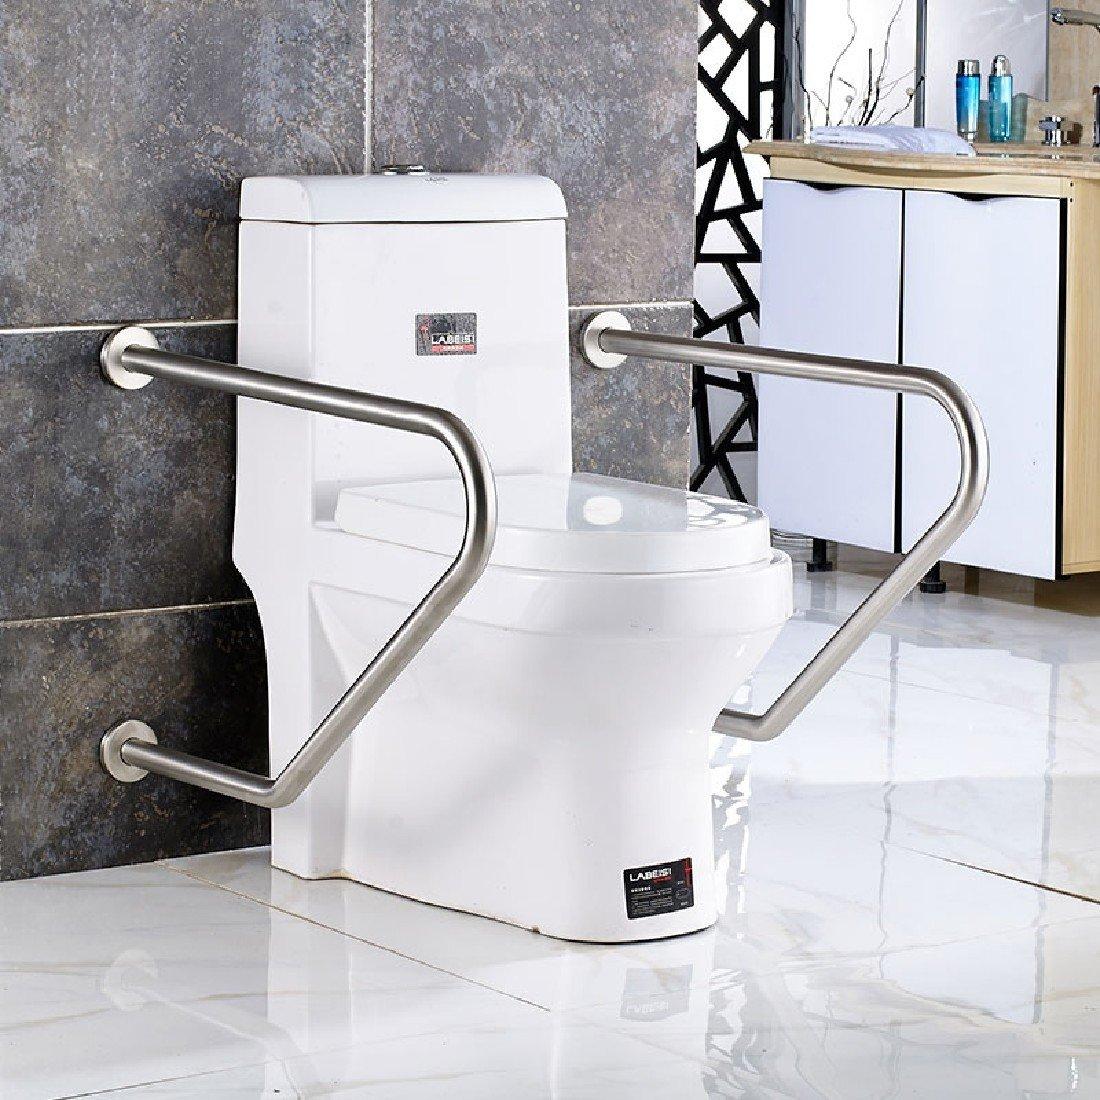 SDKKY Barres de sécurité dans le bain Main courante en acier inoxydable 304 Salle de bains pour personnes handicap